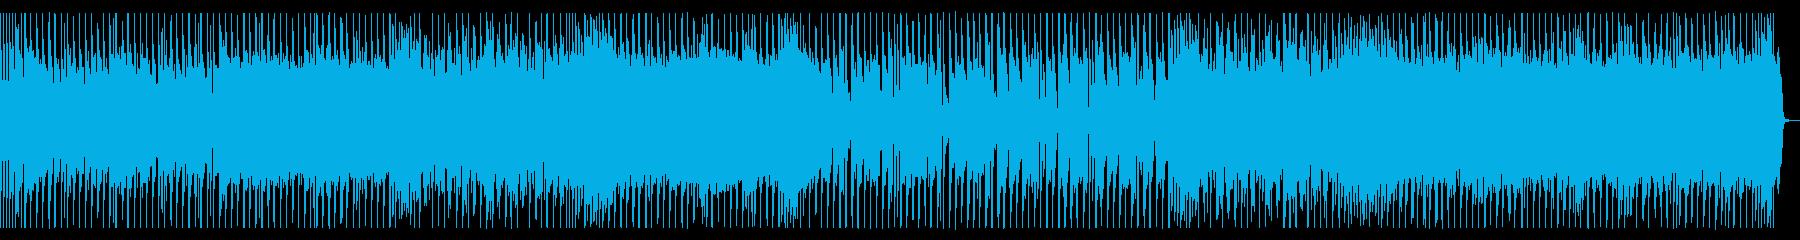 ワクワクした気持ちが溢れるロック_2の再生済みの波形